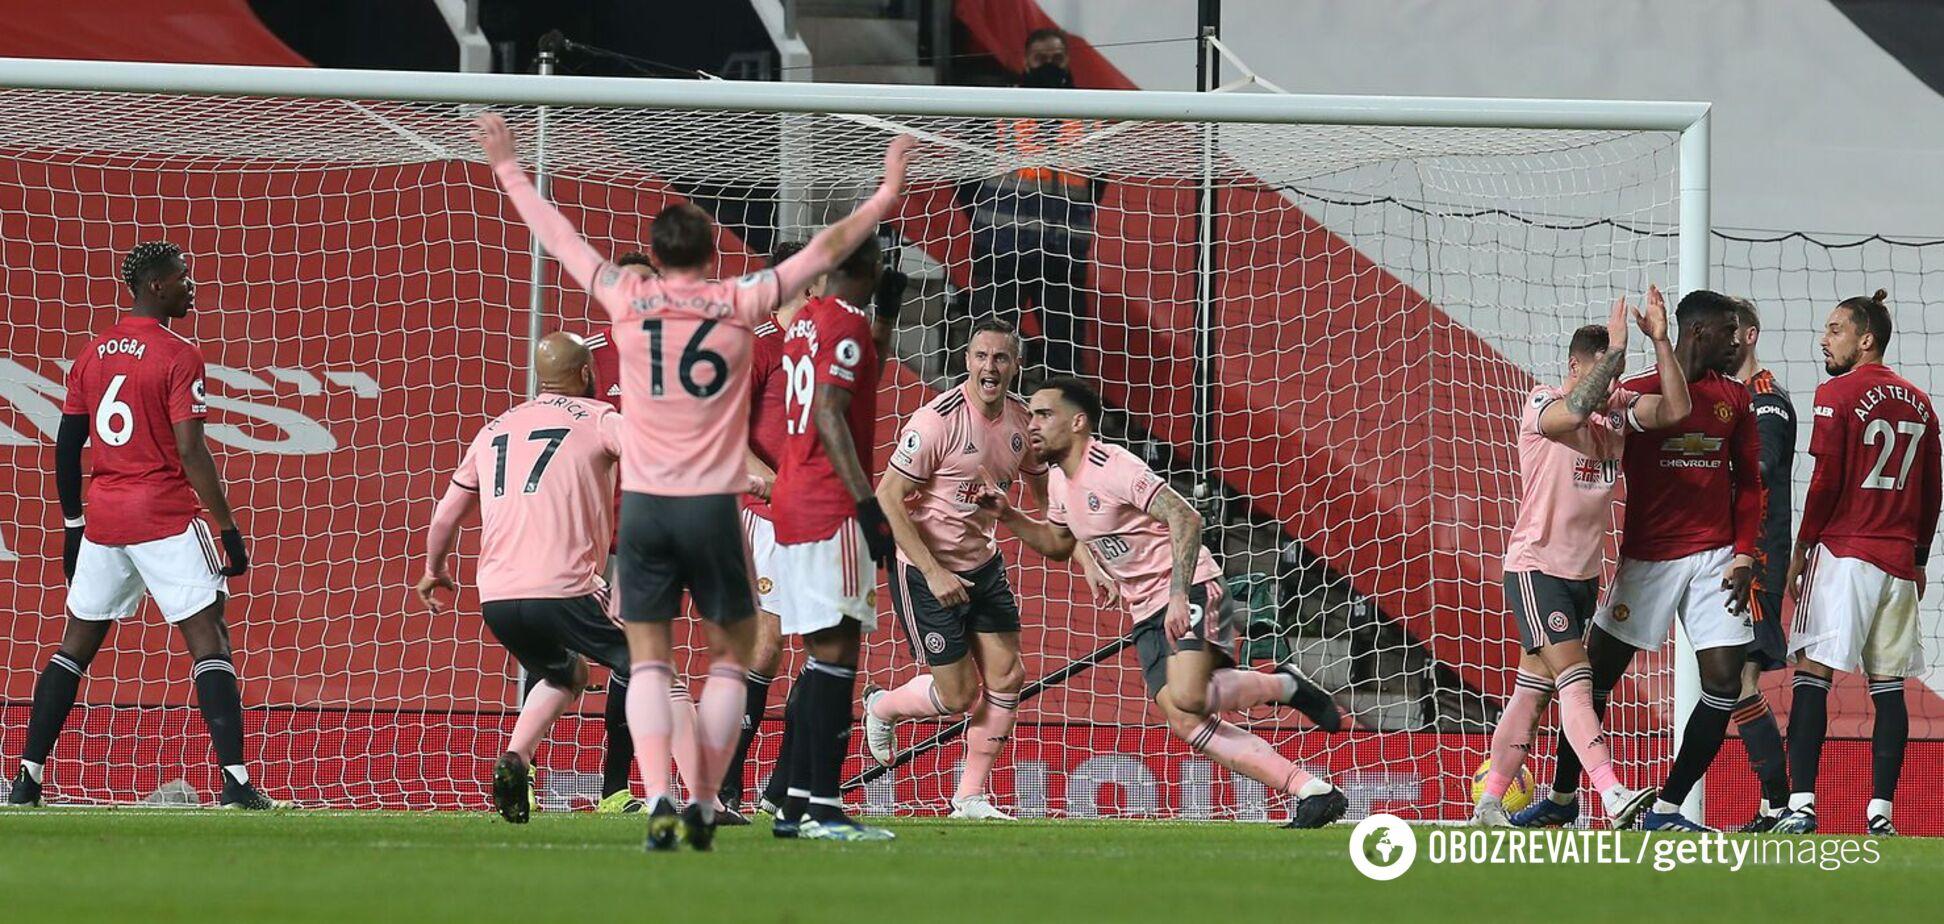 Игрок 'Шеффилда' празднует гол в ворота 'Манчестер Юнайтед'